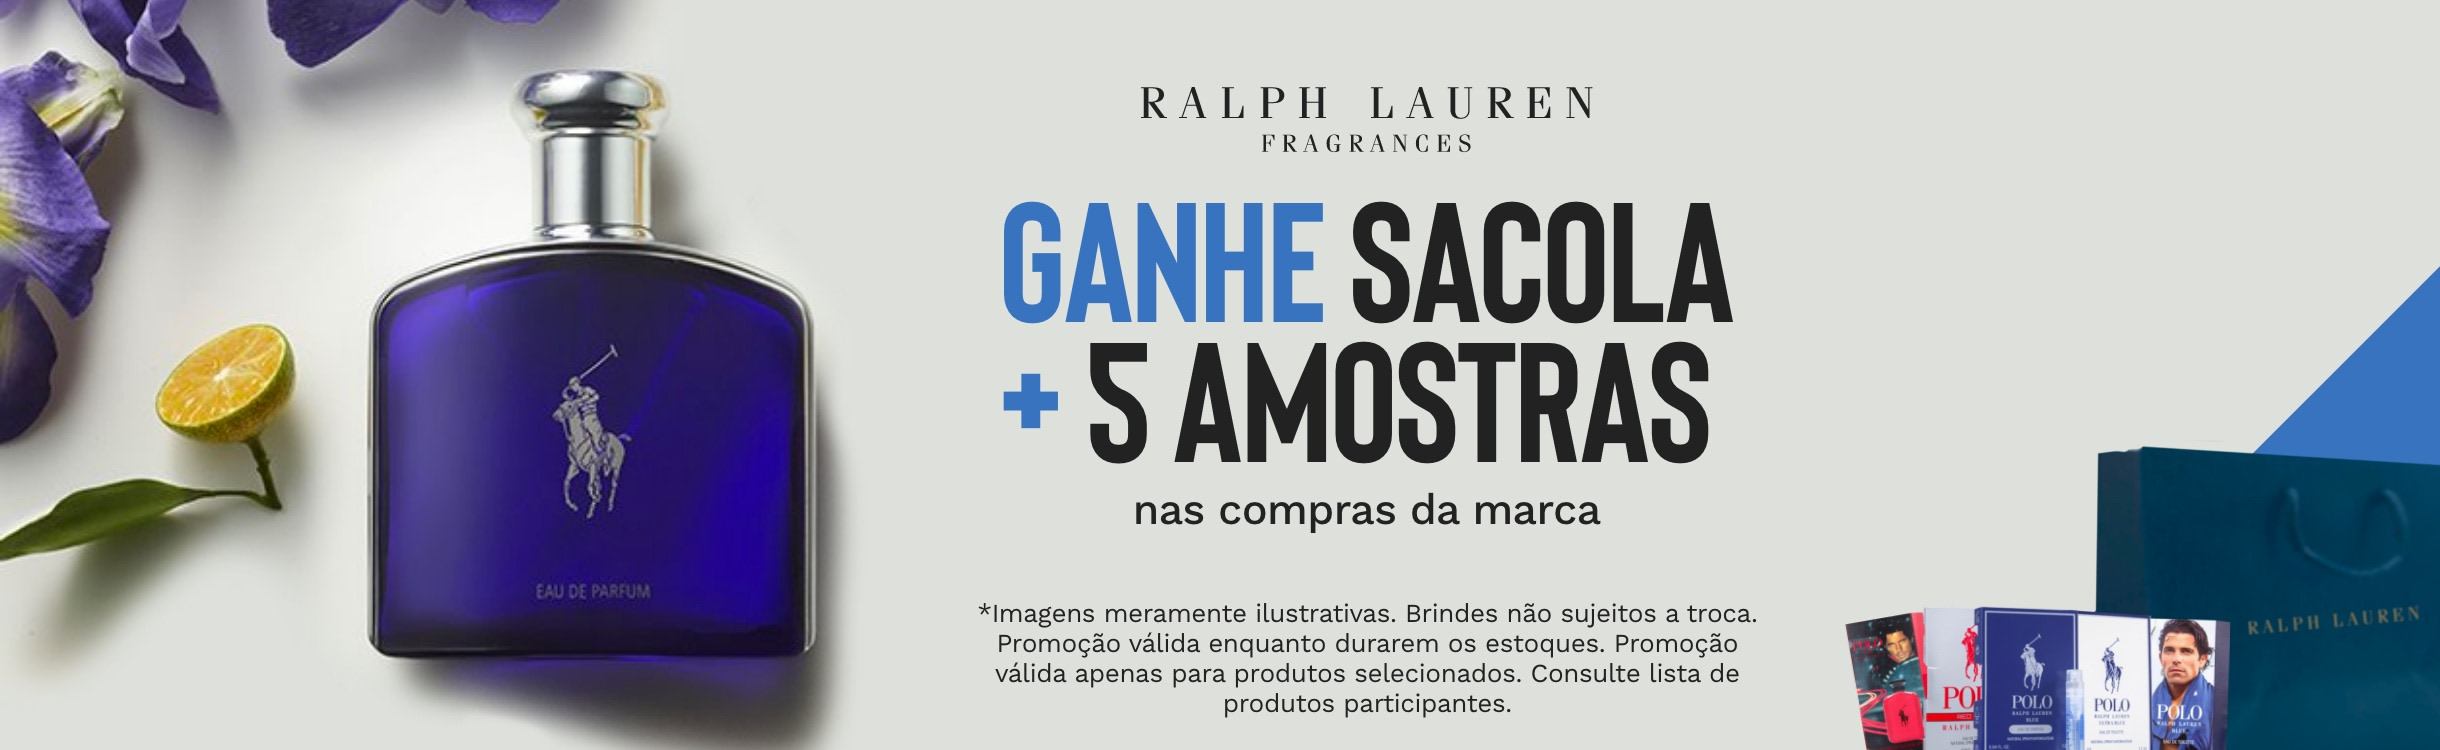 Perfumes Ralph Lauren